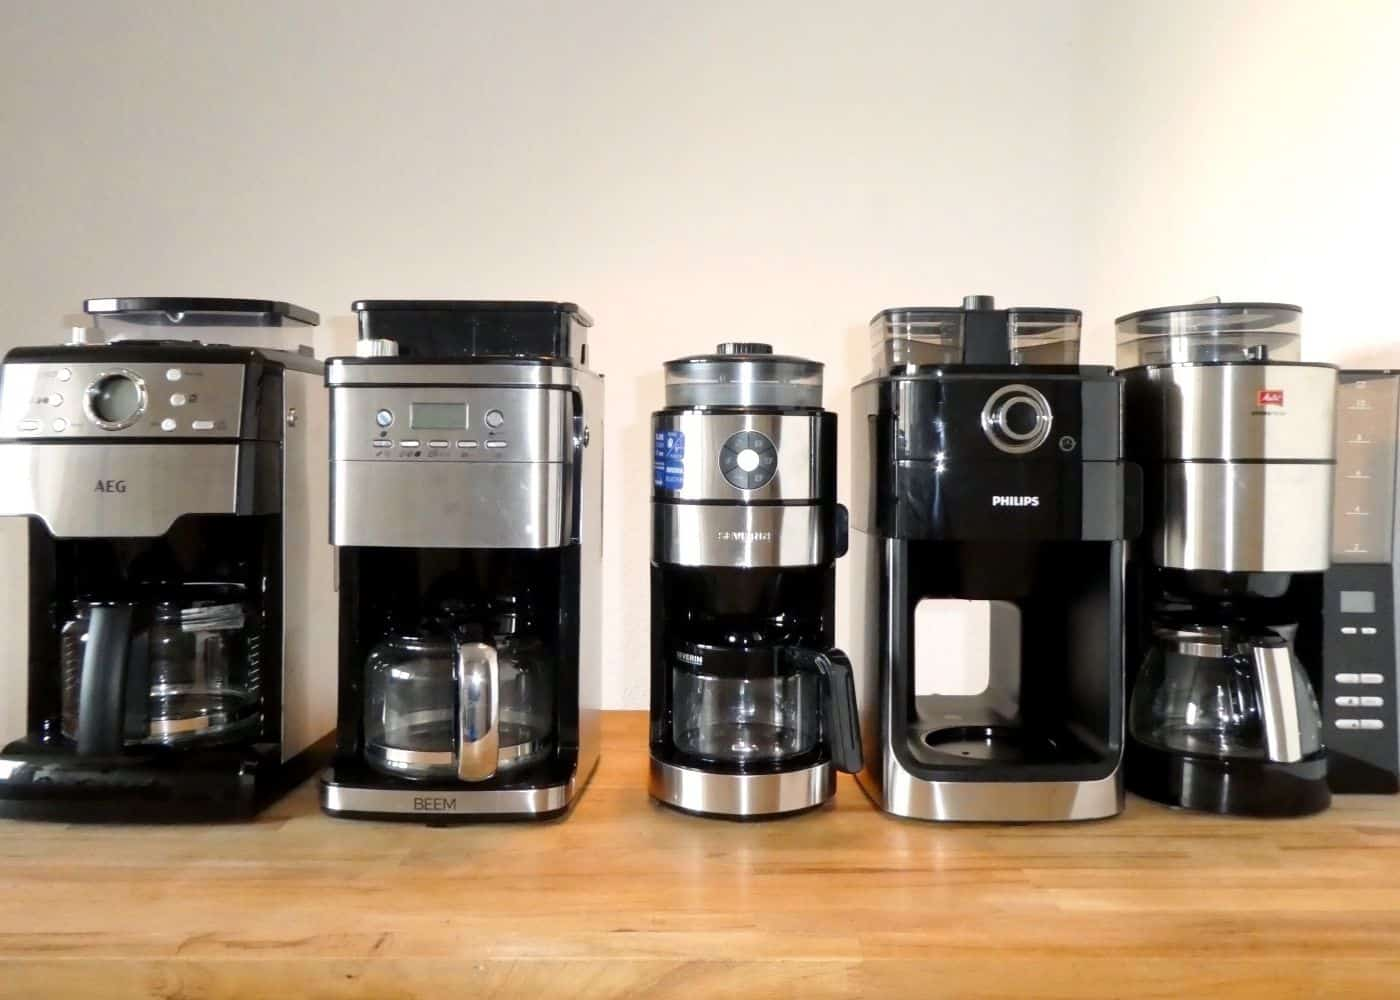 Kaffeemaschinen mit Mahlwerk im Test 2021: Geniale Produktidee mit einigen Umsetzungsschwächen